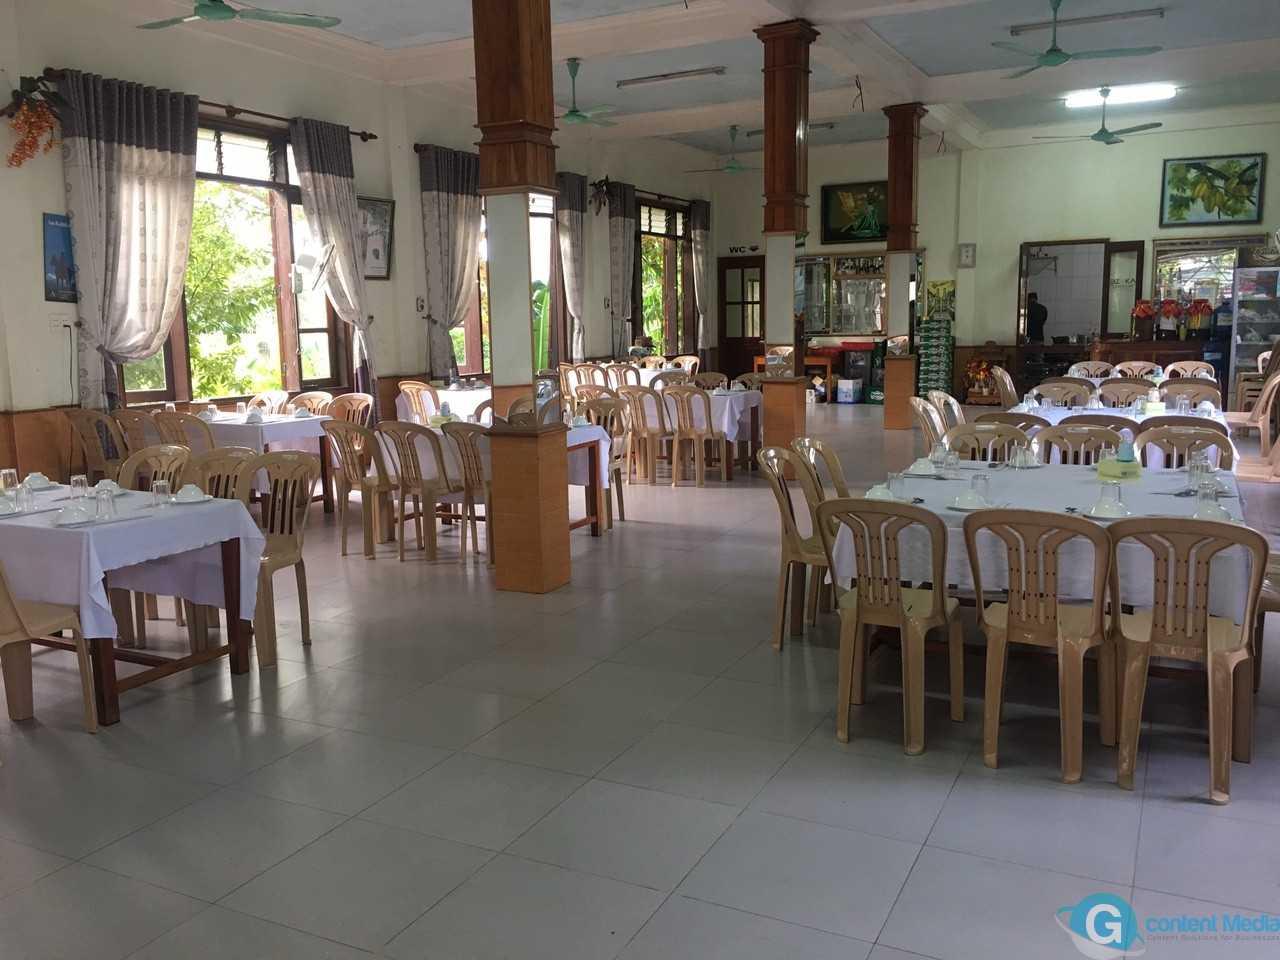 Nhà Hàng Cây Xoài Đồng Hới Quảng Bình